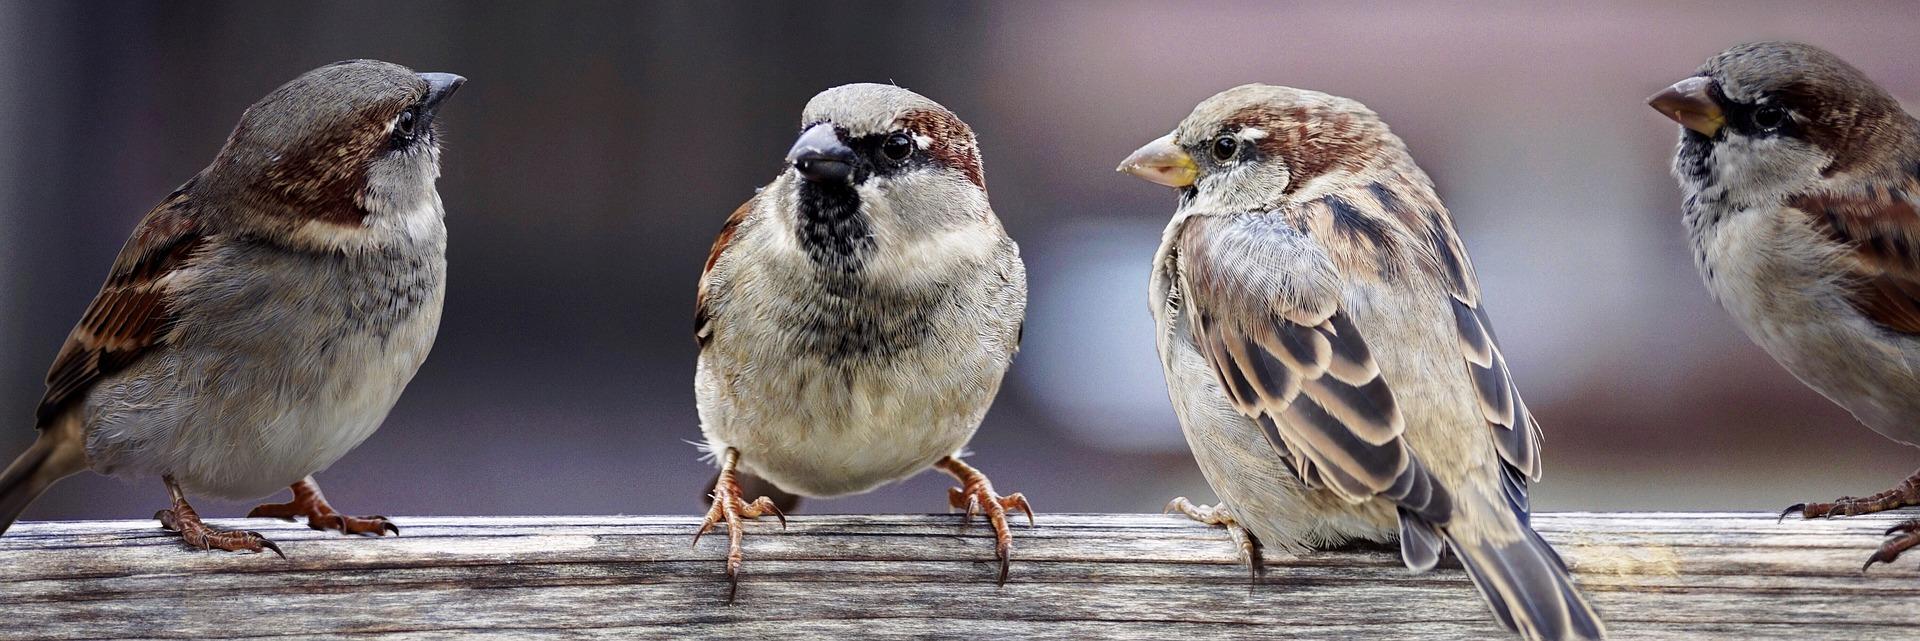 sparrows spring